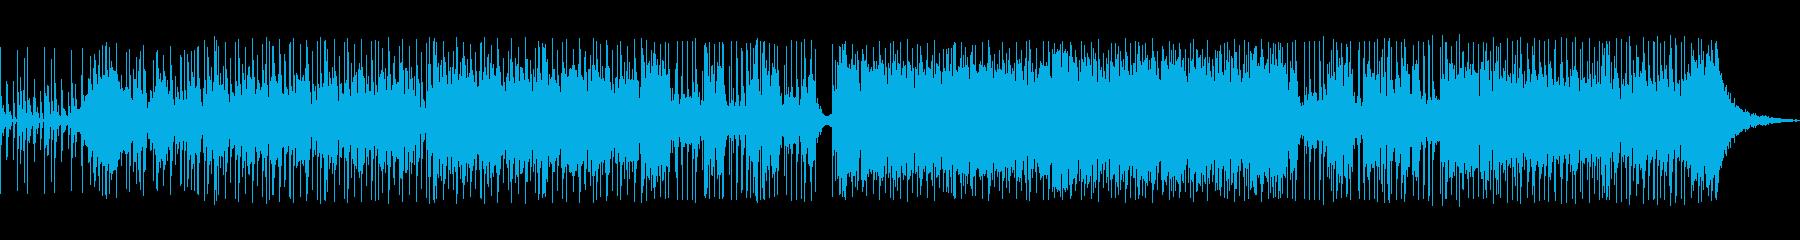 軽快でコミカルなテクノポップスの再生済みの波形